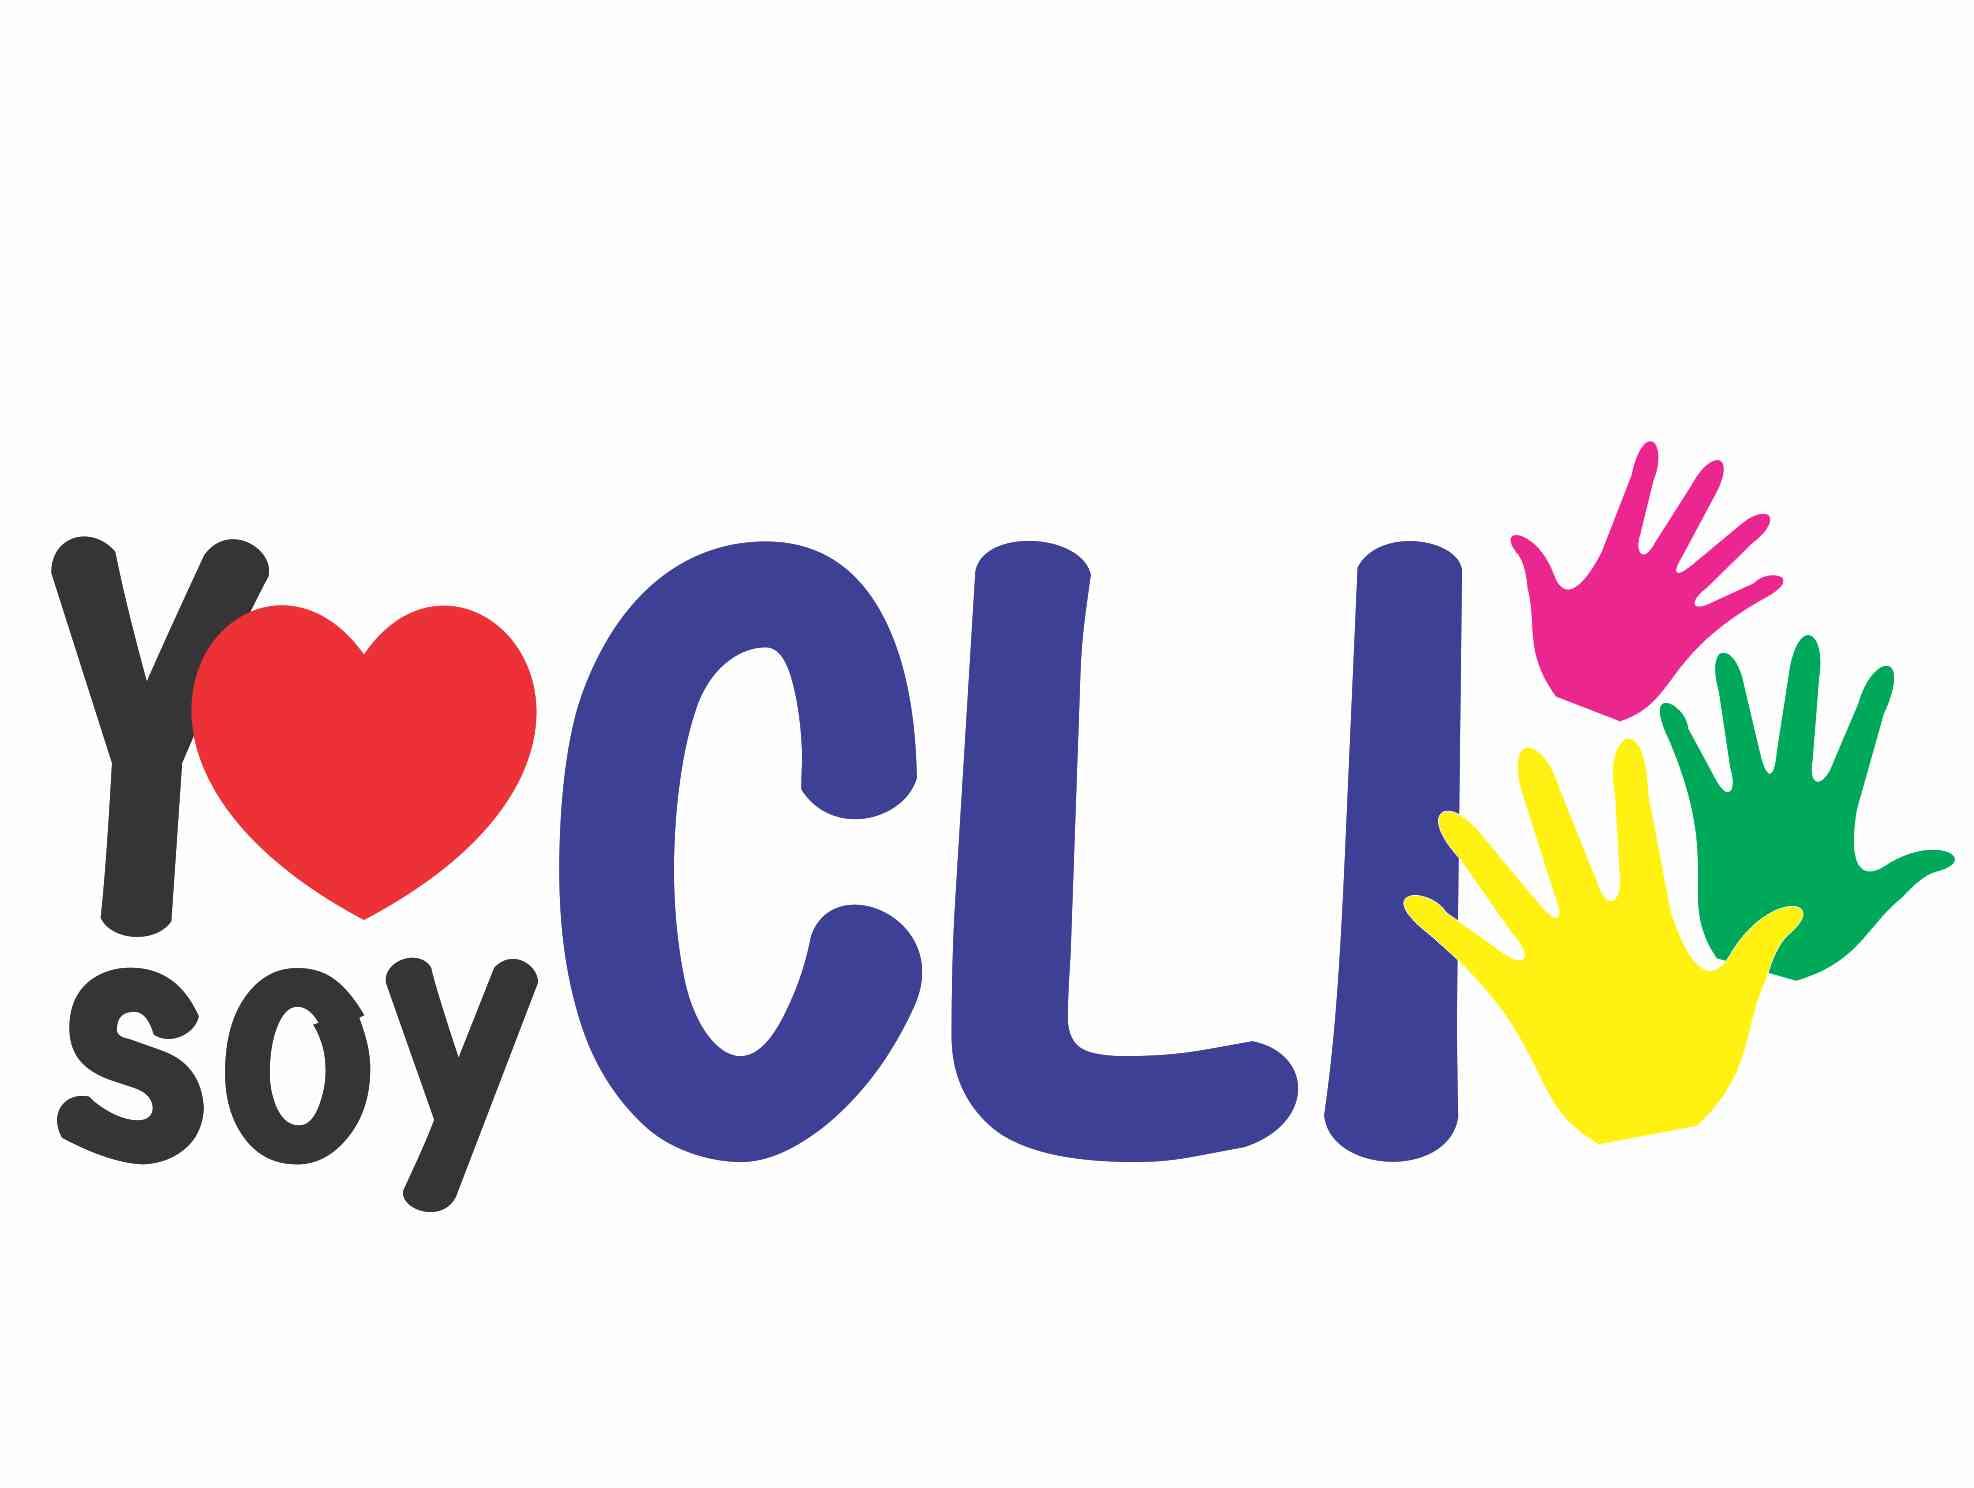 Yo soy CLI